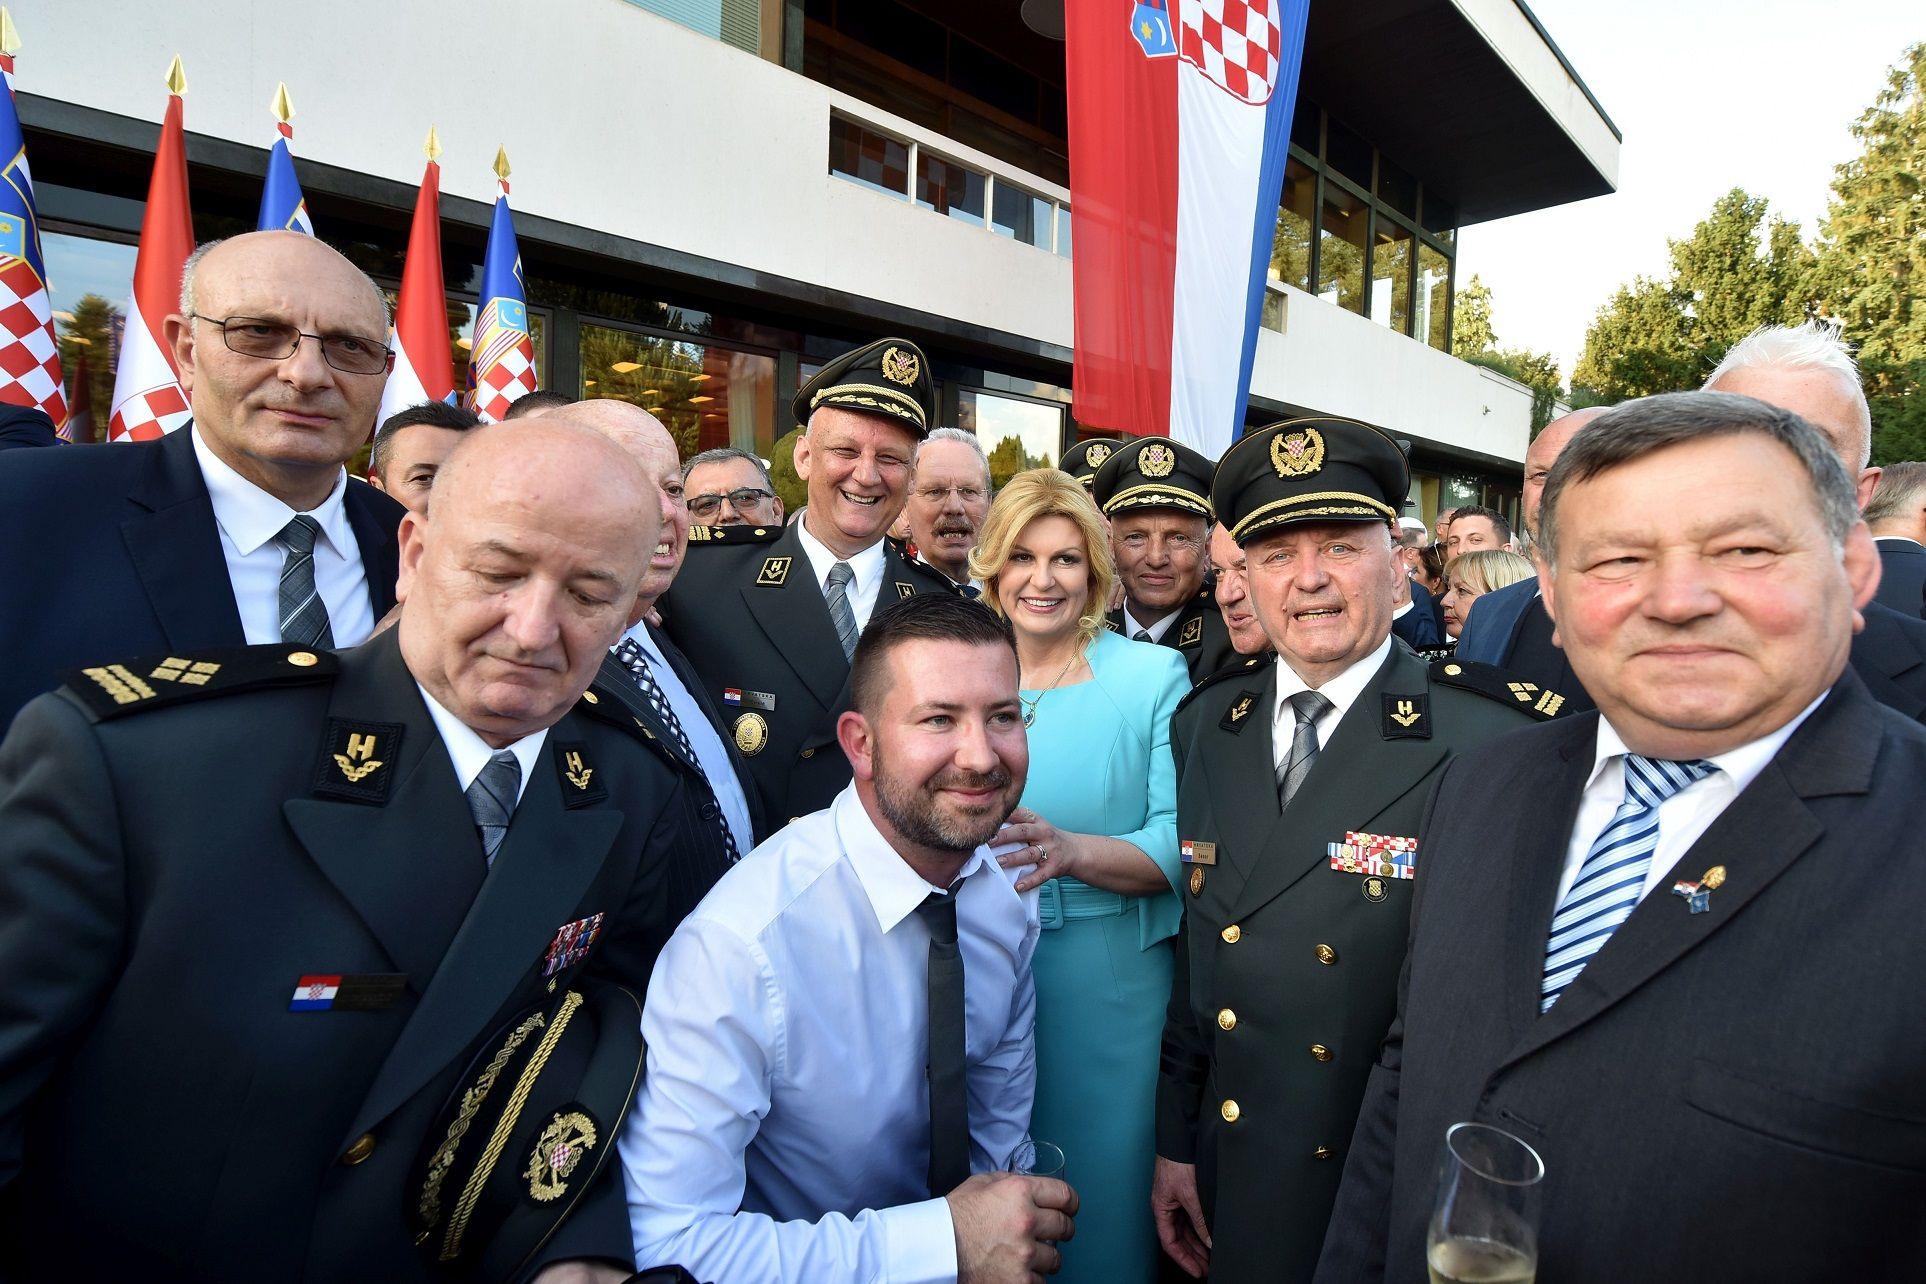 Prijam predsjednice Grabar-Kitarović u povodu Dana državnosti: Za još bolju Hrvatsku!